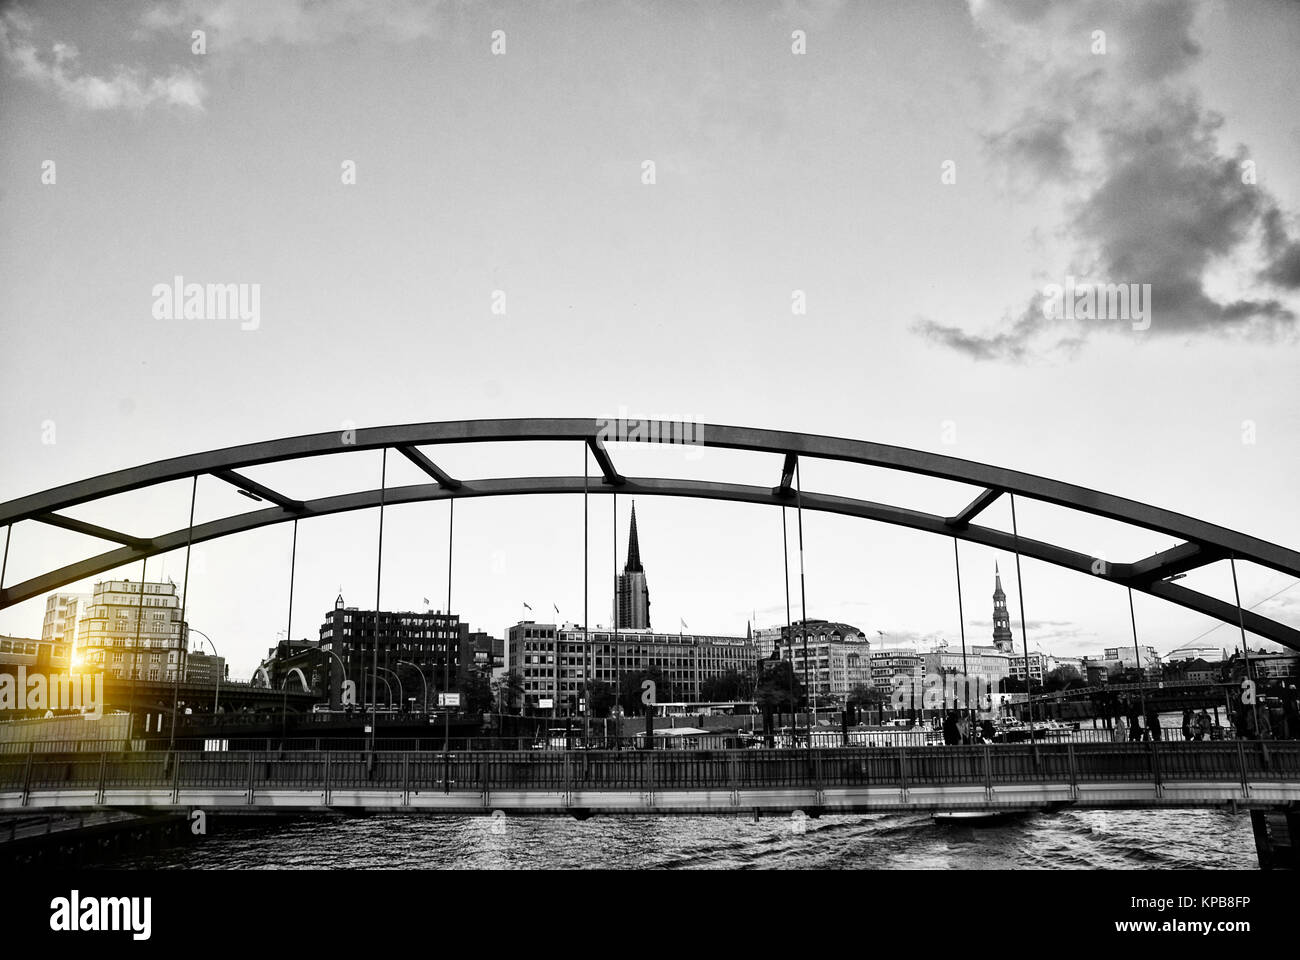 Am Baum wand Brücke in der Hamburger Innenstadt Suchen Stockbild